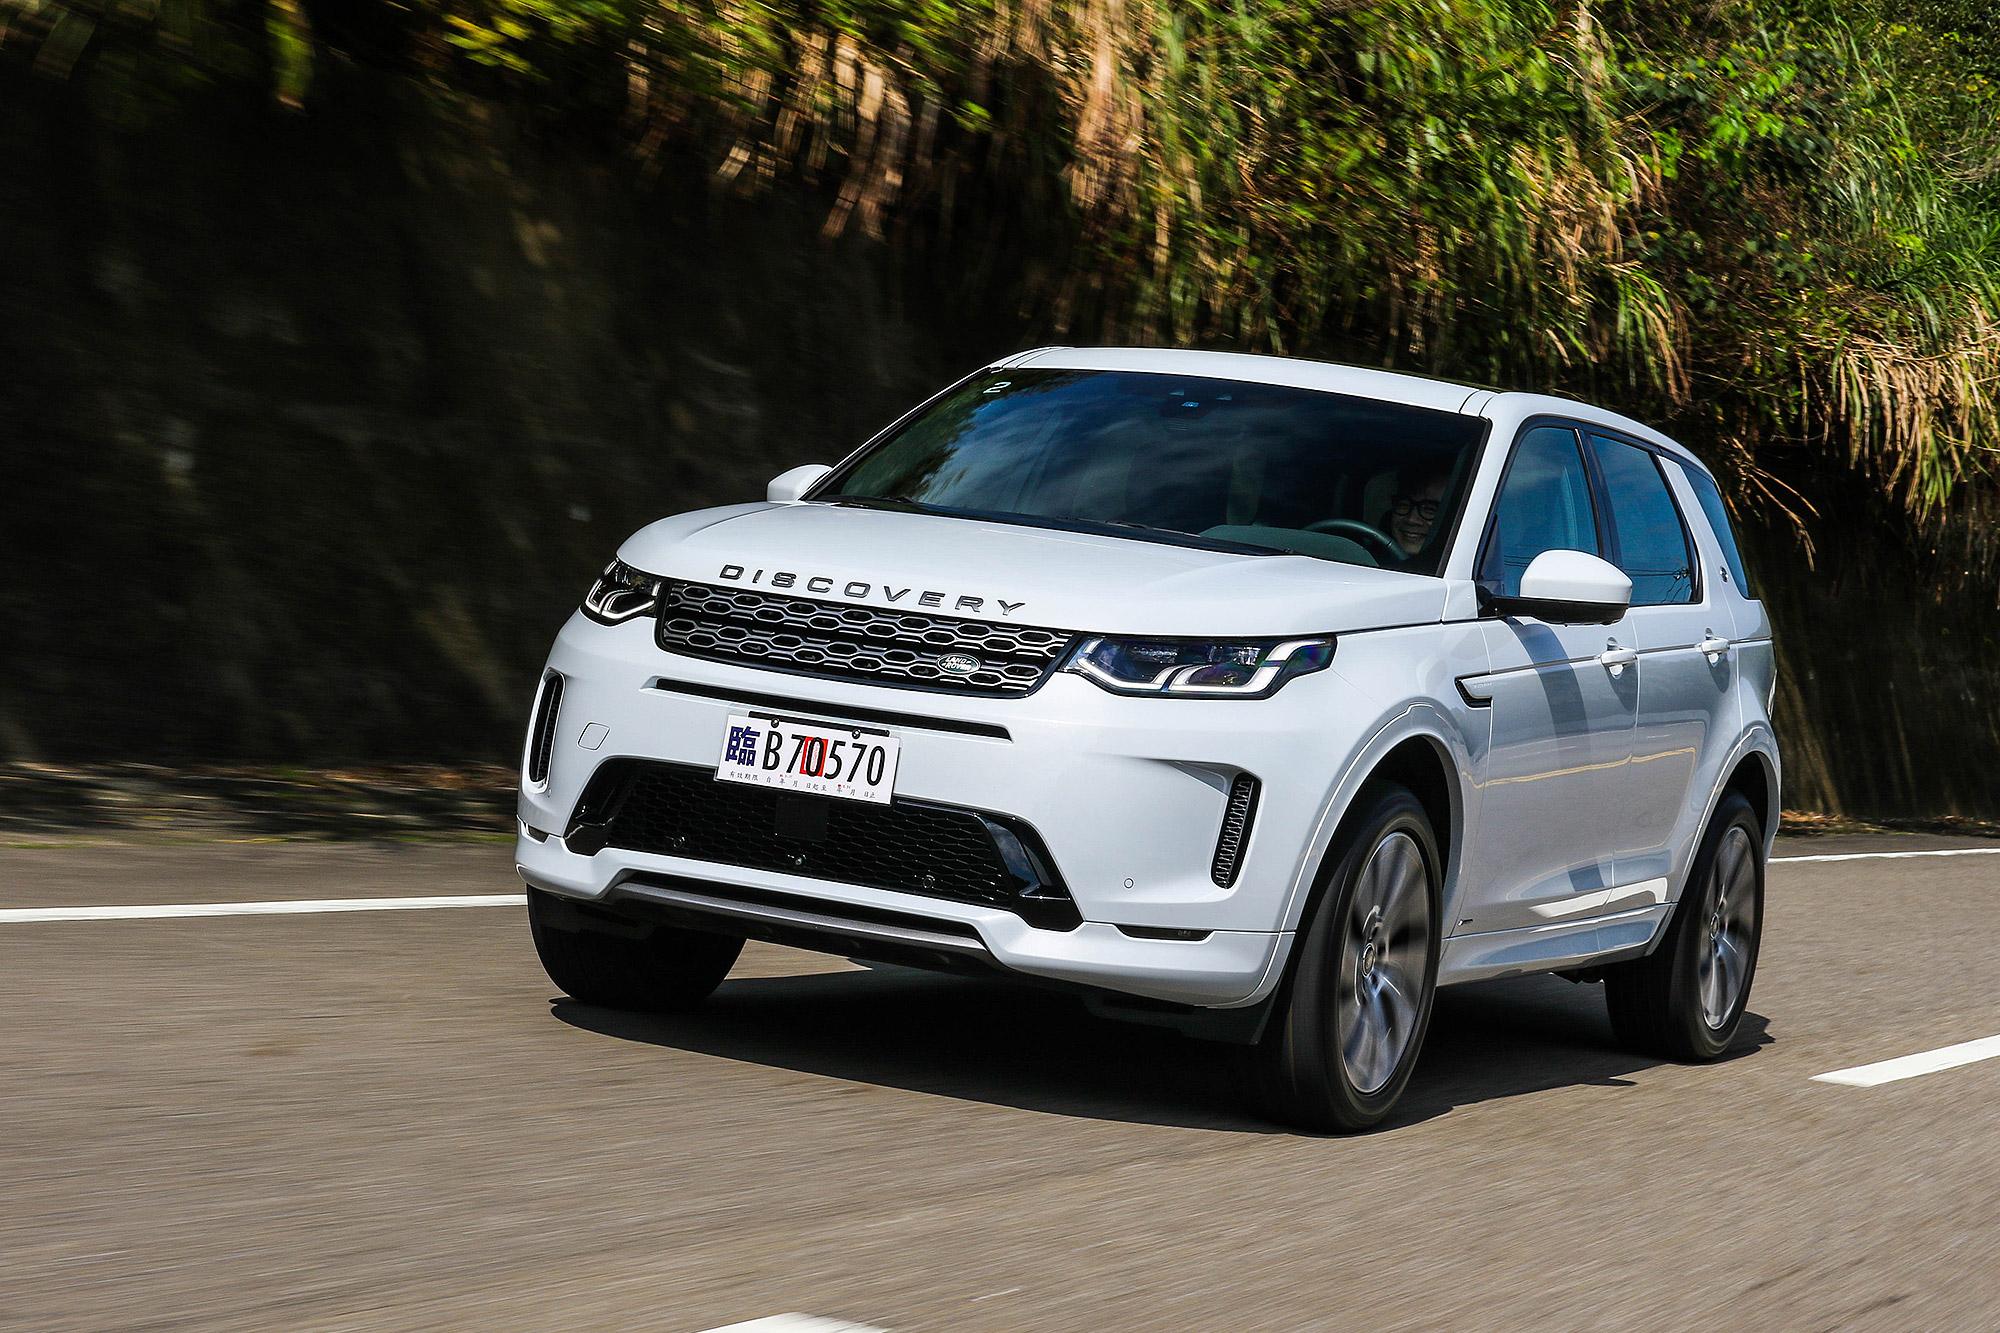 Discovery Sport 小改款搭載輕度油電複合動力系統,啟動馬達發電機具有 17 匹動力輸出。